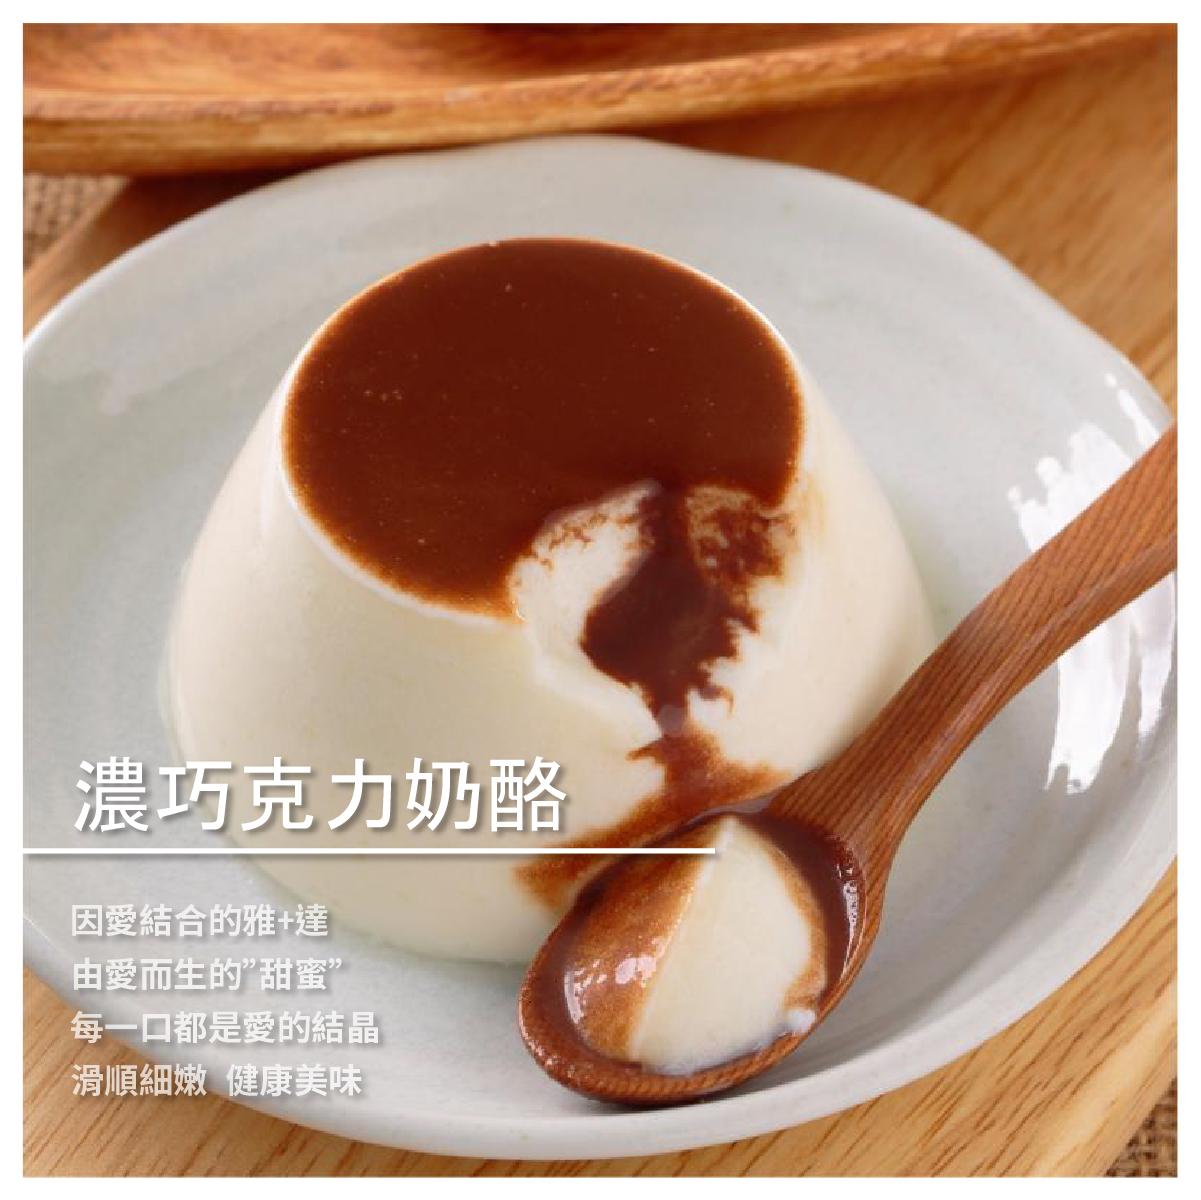 【雅+達奶酪布丁】渼物獨家優惠價 / 濃巧克力奶酪/6入